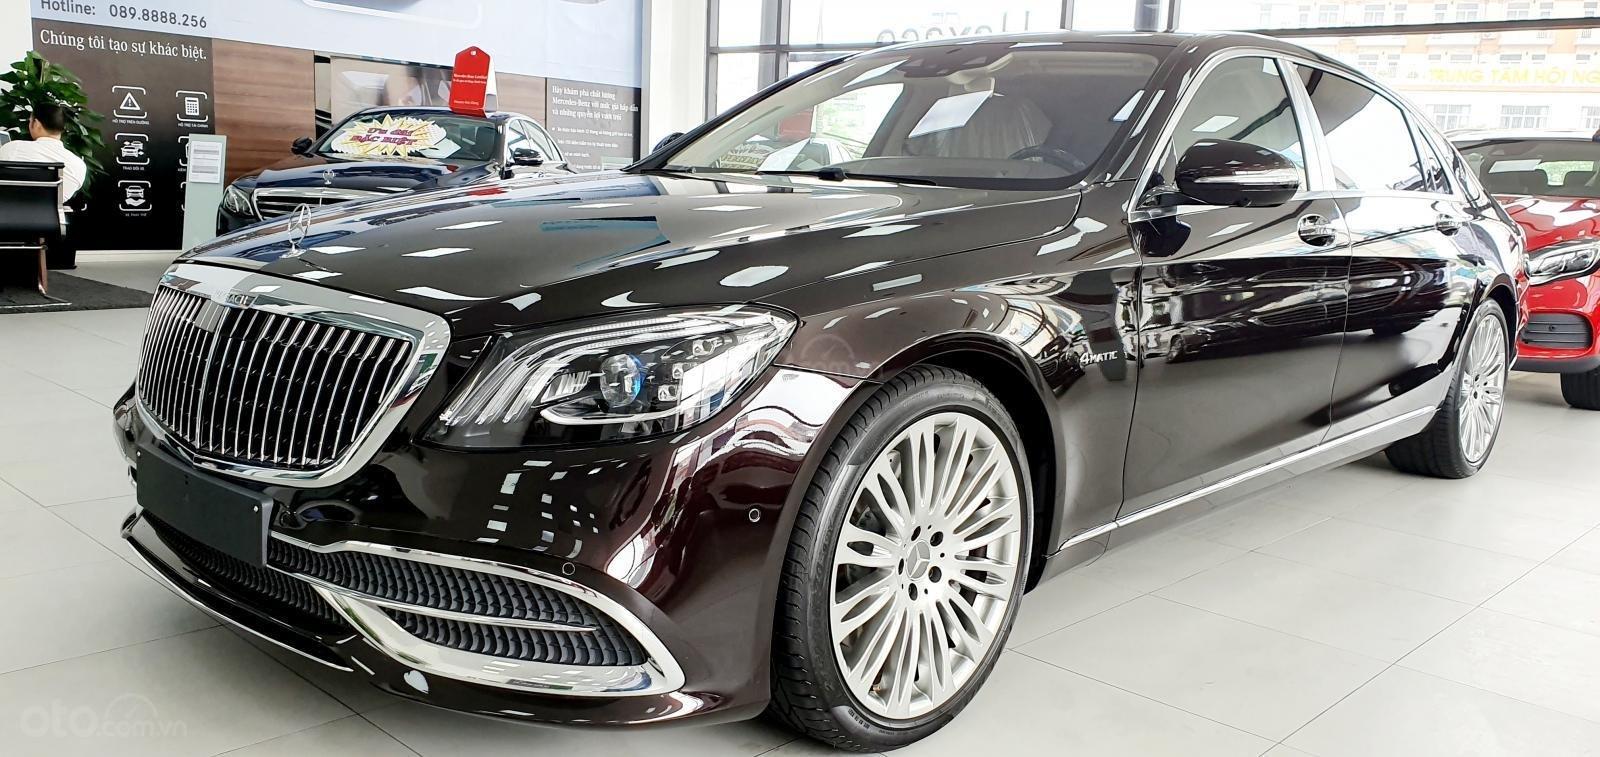 Mercedes-Benz Maybach S450 đời 2019 nhập khẩu, xe giao ngay khuyến mãi lớn, liên hệ 0913332288 (10)